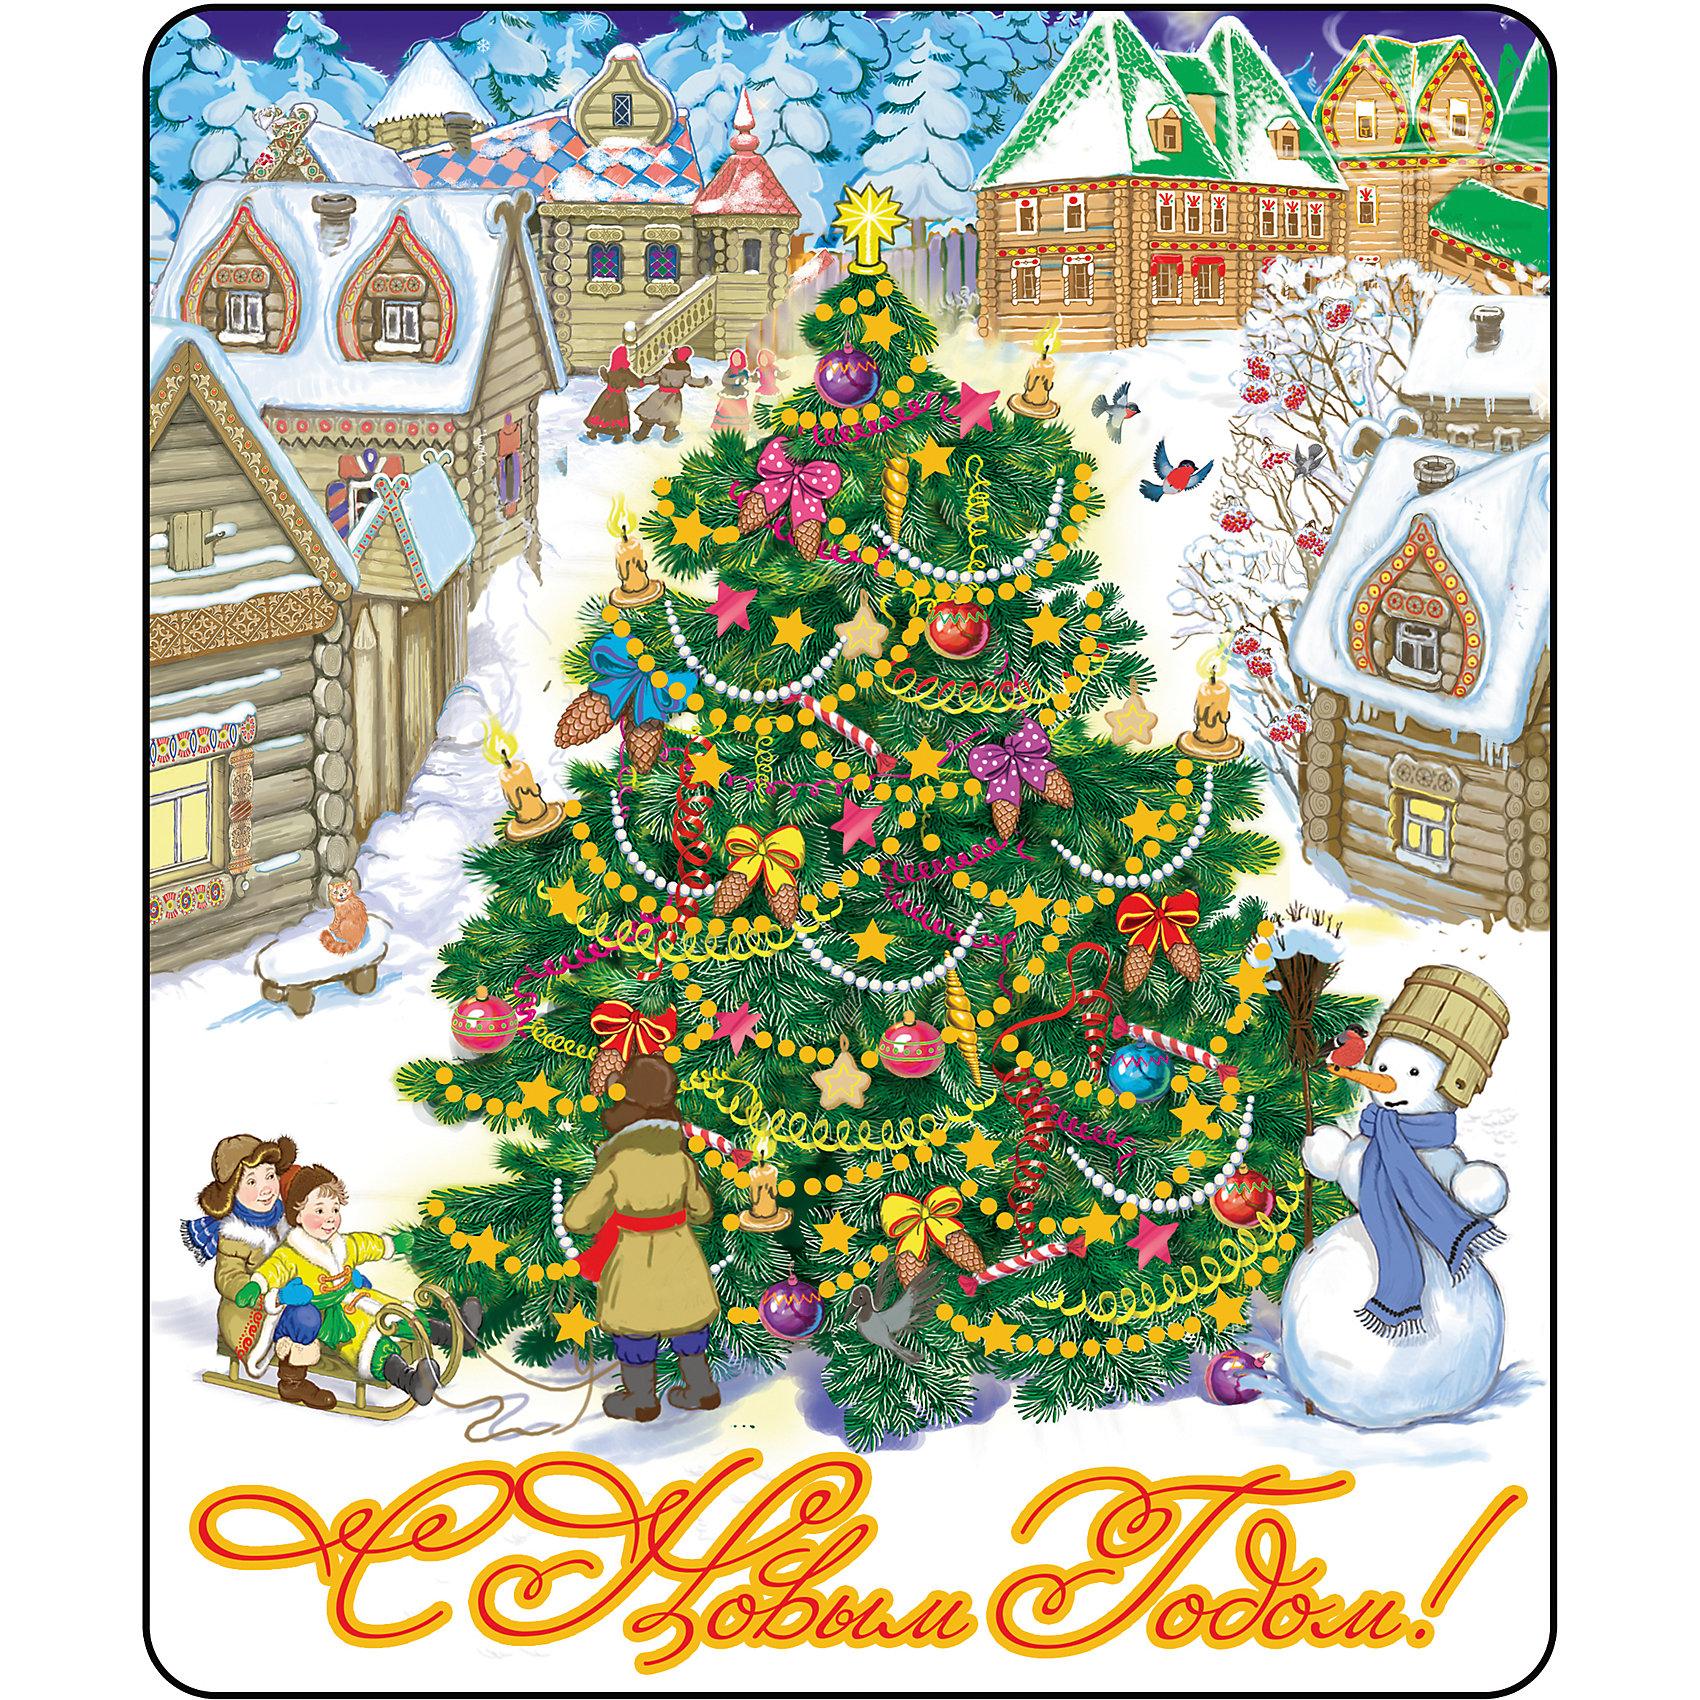 Магнит Елка в снежном городеМагнит Елка в снежном городе - впустите атмосферу зимы и праздников в ваш дом! С этим подарочным магнитом так весело наряжать дом и радовать близких. небольшой прямоугольный магнитик с закругленными углами смотрится как полноценная небольшая картинка. На магните изображен зимний деревянный город с большой наряженной ёлочкой, детишками, снегирями и снеговичком. На магните также изображена ажурная надпись «С Новым Годом». Устройте сюрприз вашим близким!<br>Дополнительная информация:<br><br>- Размер: 5 * 6 см.<br>- Материал: агломеррированный феррит<br>Магнит Елка в снежном городе можно купить в нашем интернет-магазине.<br>Подробнее:<br>• Для детей в возрасте: от 3 лет<br>• Номер товара: 4981494<br>Страна производитель: Китай<br><br>Ширина мм: 100<br>Глубина мм: 100<br>Высота мм: 10<br>Вес г: 150<br>Возраст от месяцев: 36<br>Возраст до месяцев: 2147483647<br>Пол: Унисекс<br>Возраст: Детский<br>SKU: 4981494